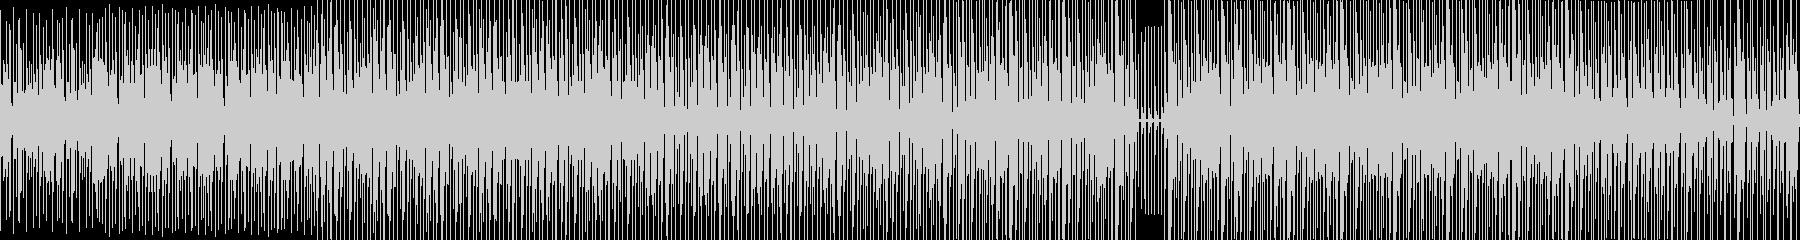 【ループ対応】ビートのみのアップテンポ曲の未再生の波形